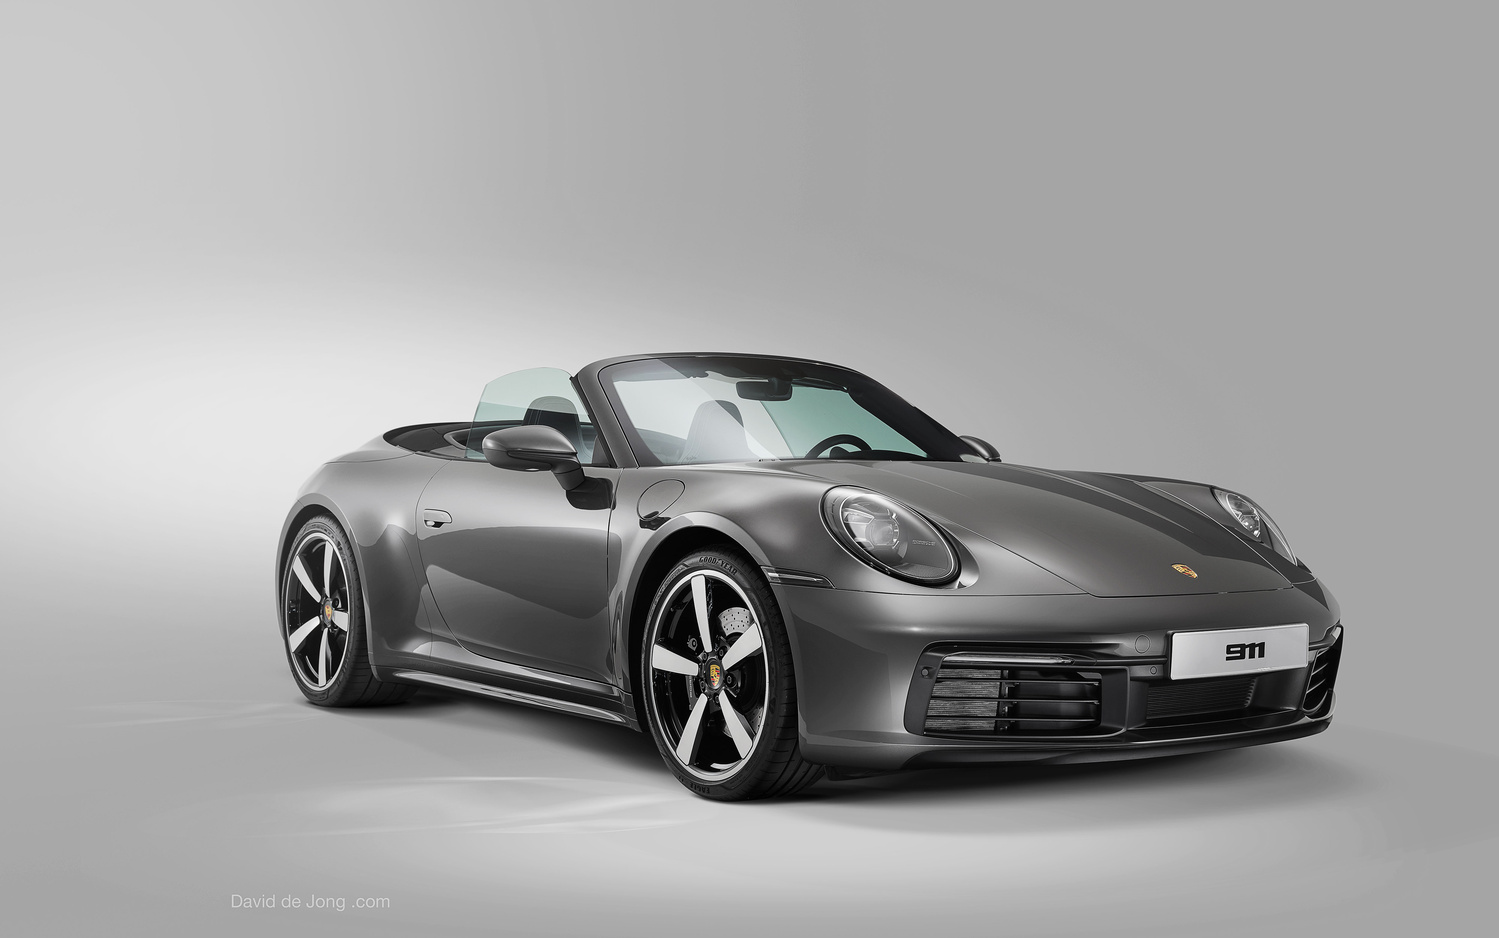 Car photography Porsche 911 992 by David de Jong